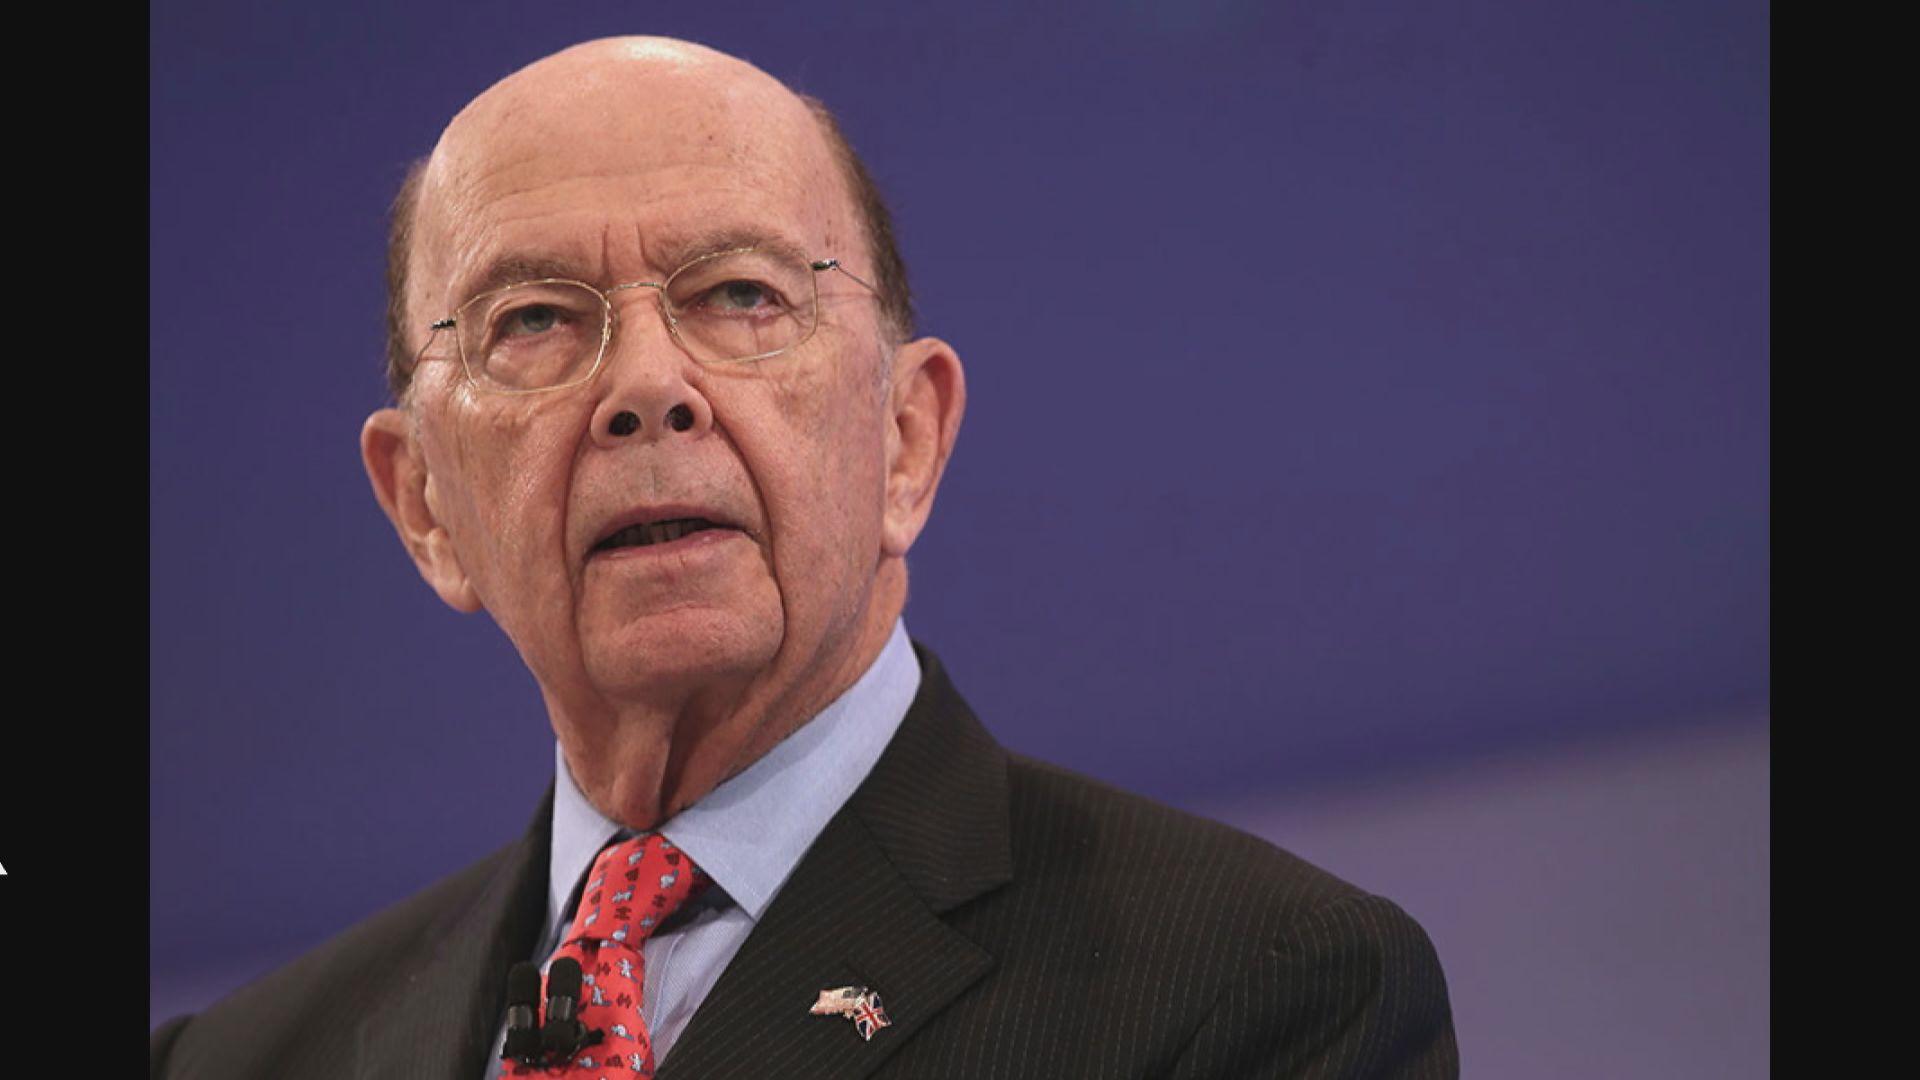 羅斯指中美貿易談判已經短暫中斷